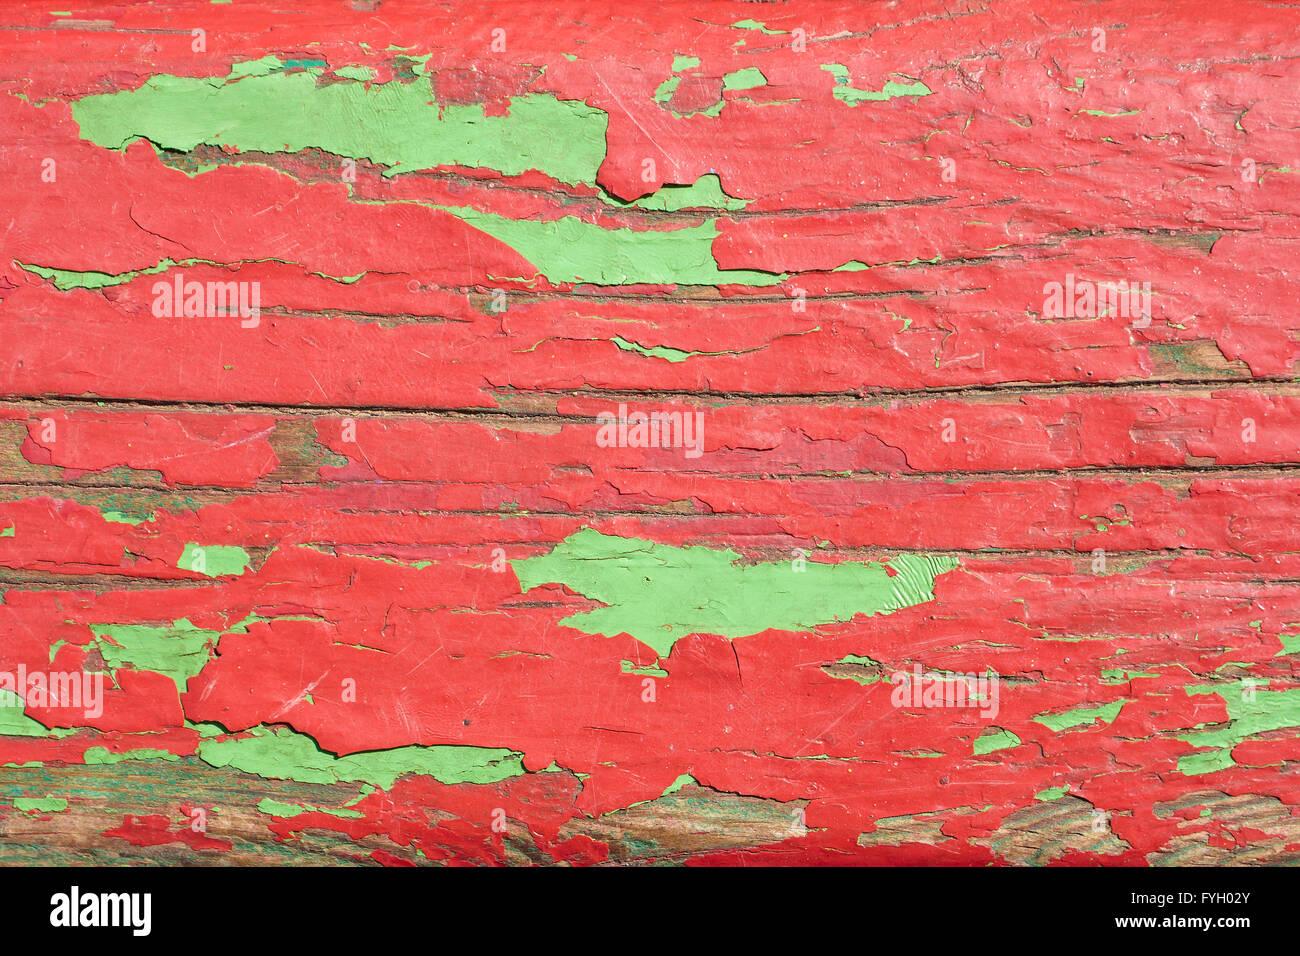 Les planches de bois peintes en rouge et vert Photo Stock